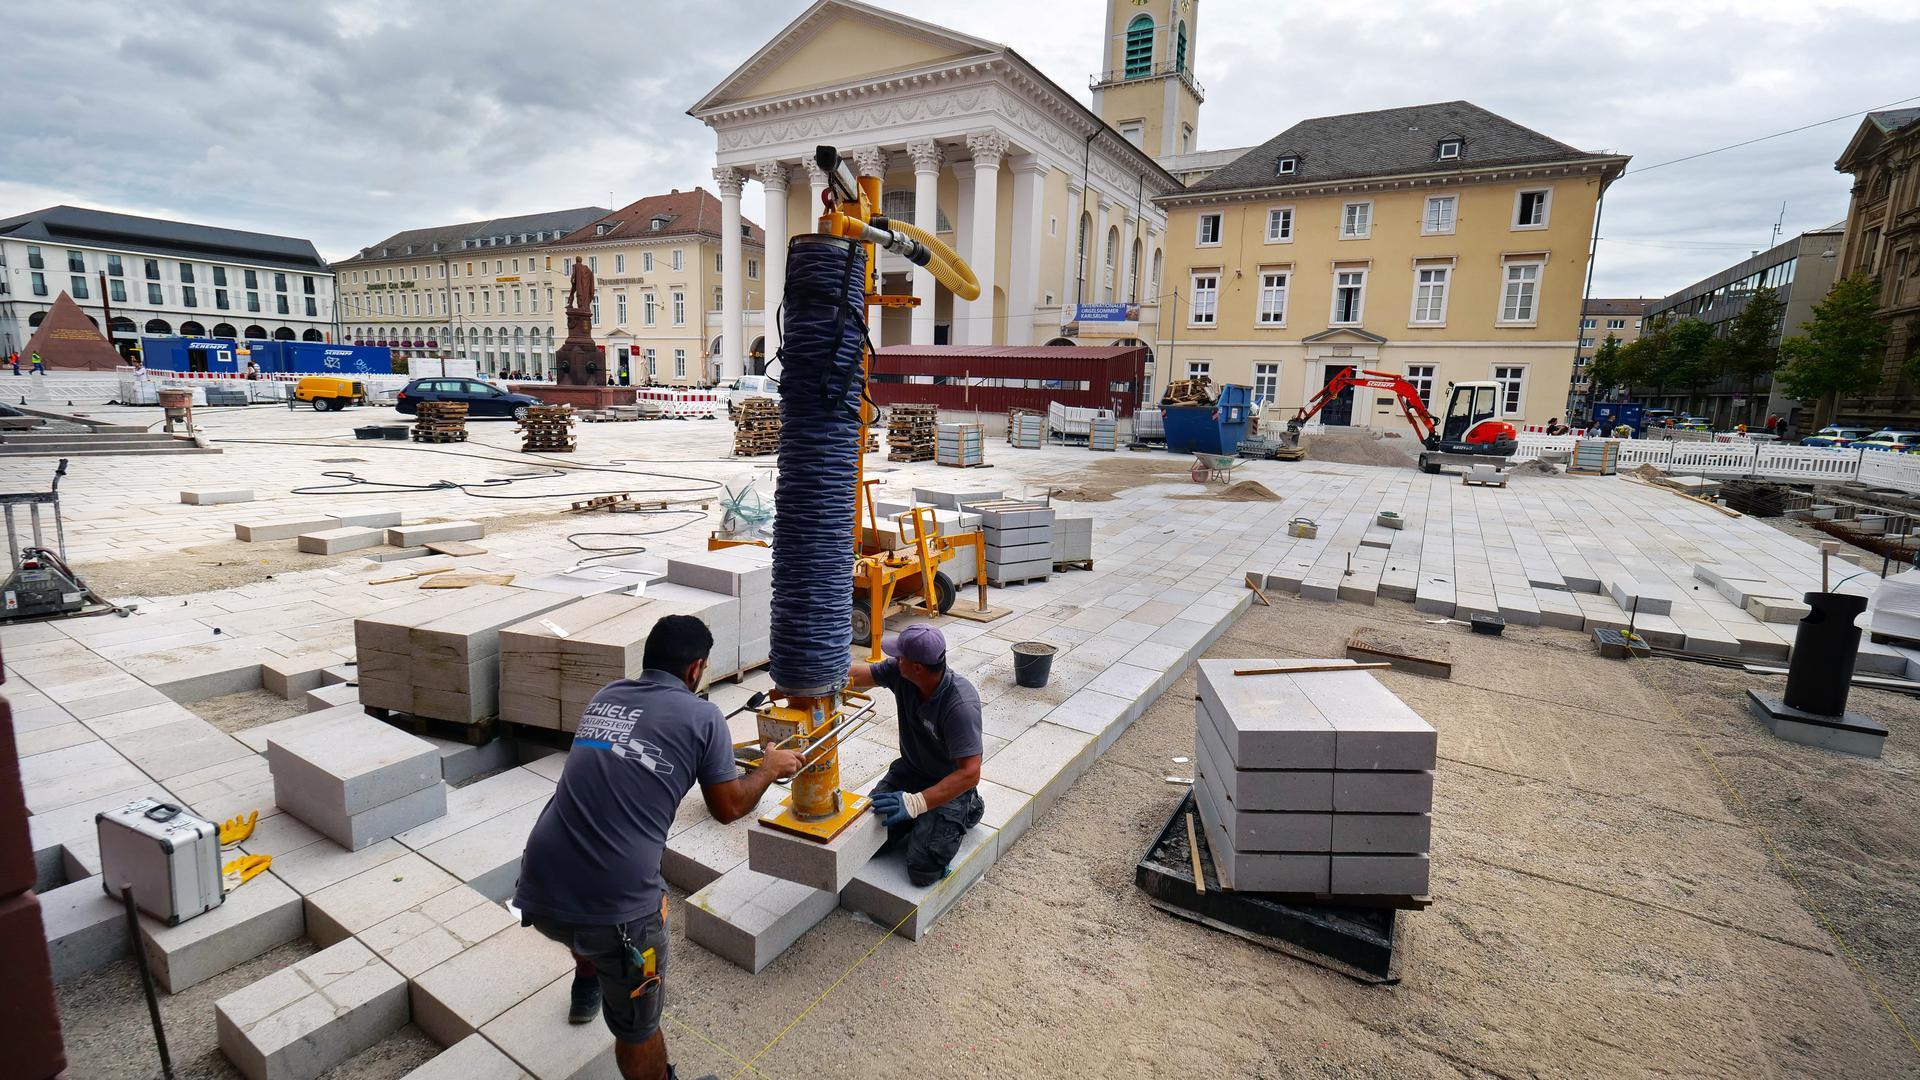 Auf den letzten Quadratmetern: Das neue Pflaster des Marktplatzes schließt sich. Die Arbeiter fügen die fehlenden Granitsteinplatten in der Südwestecke der guten Stube ein.